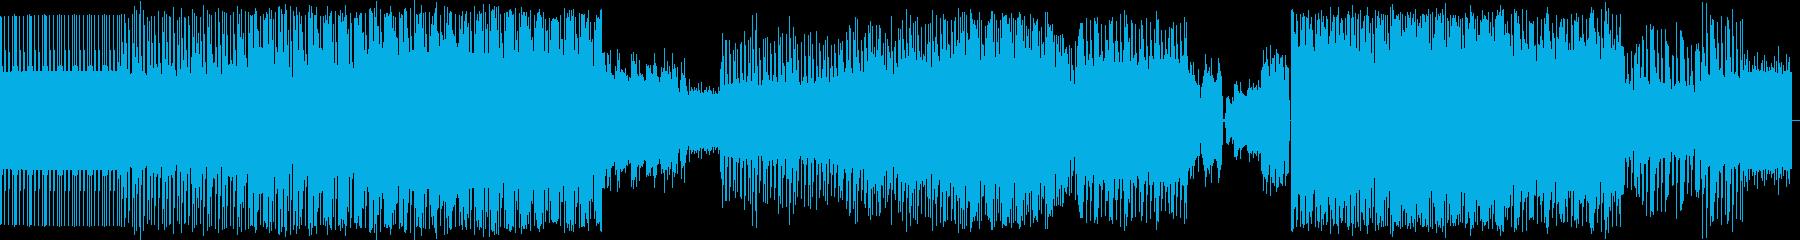 電子。コンポーネントが改訂されまし...の再生済みの波形